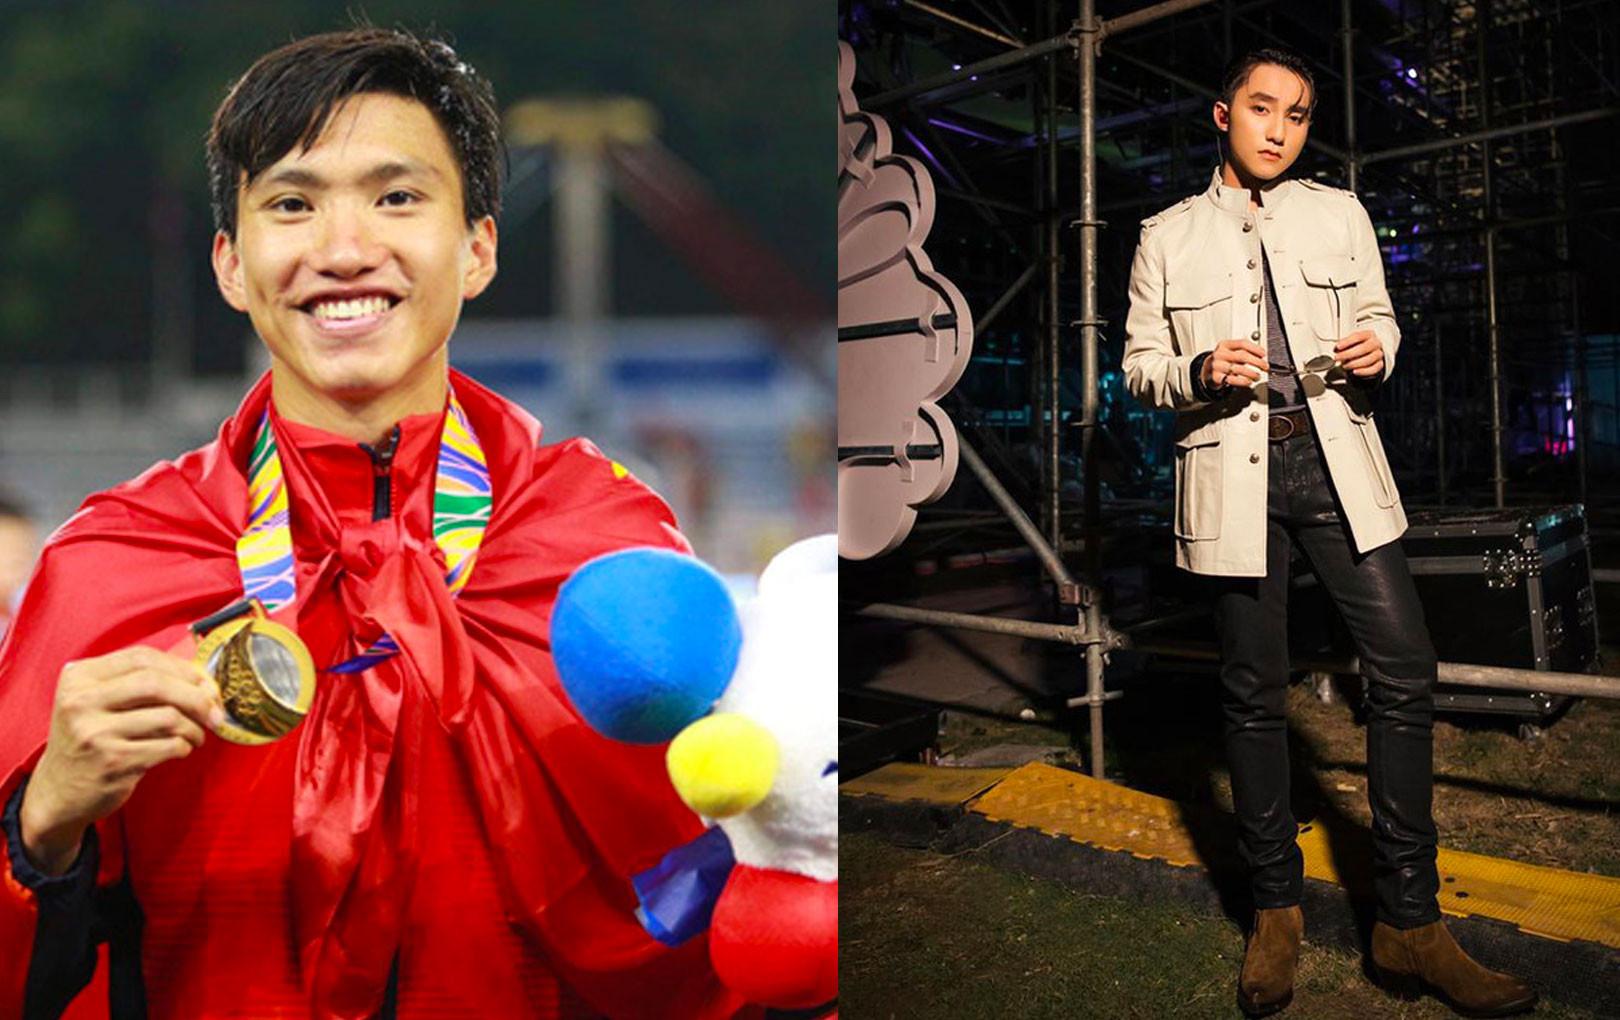 Danh sách những tài năng vẹn toàn được sinh ra tại Thái Bình ngoài Sơn Tùng M-TP nay lại thêm Đoàn Văn Hậu!